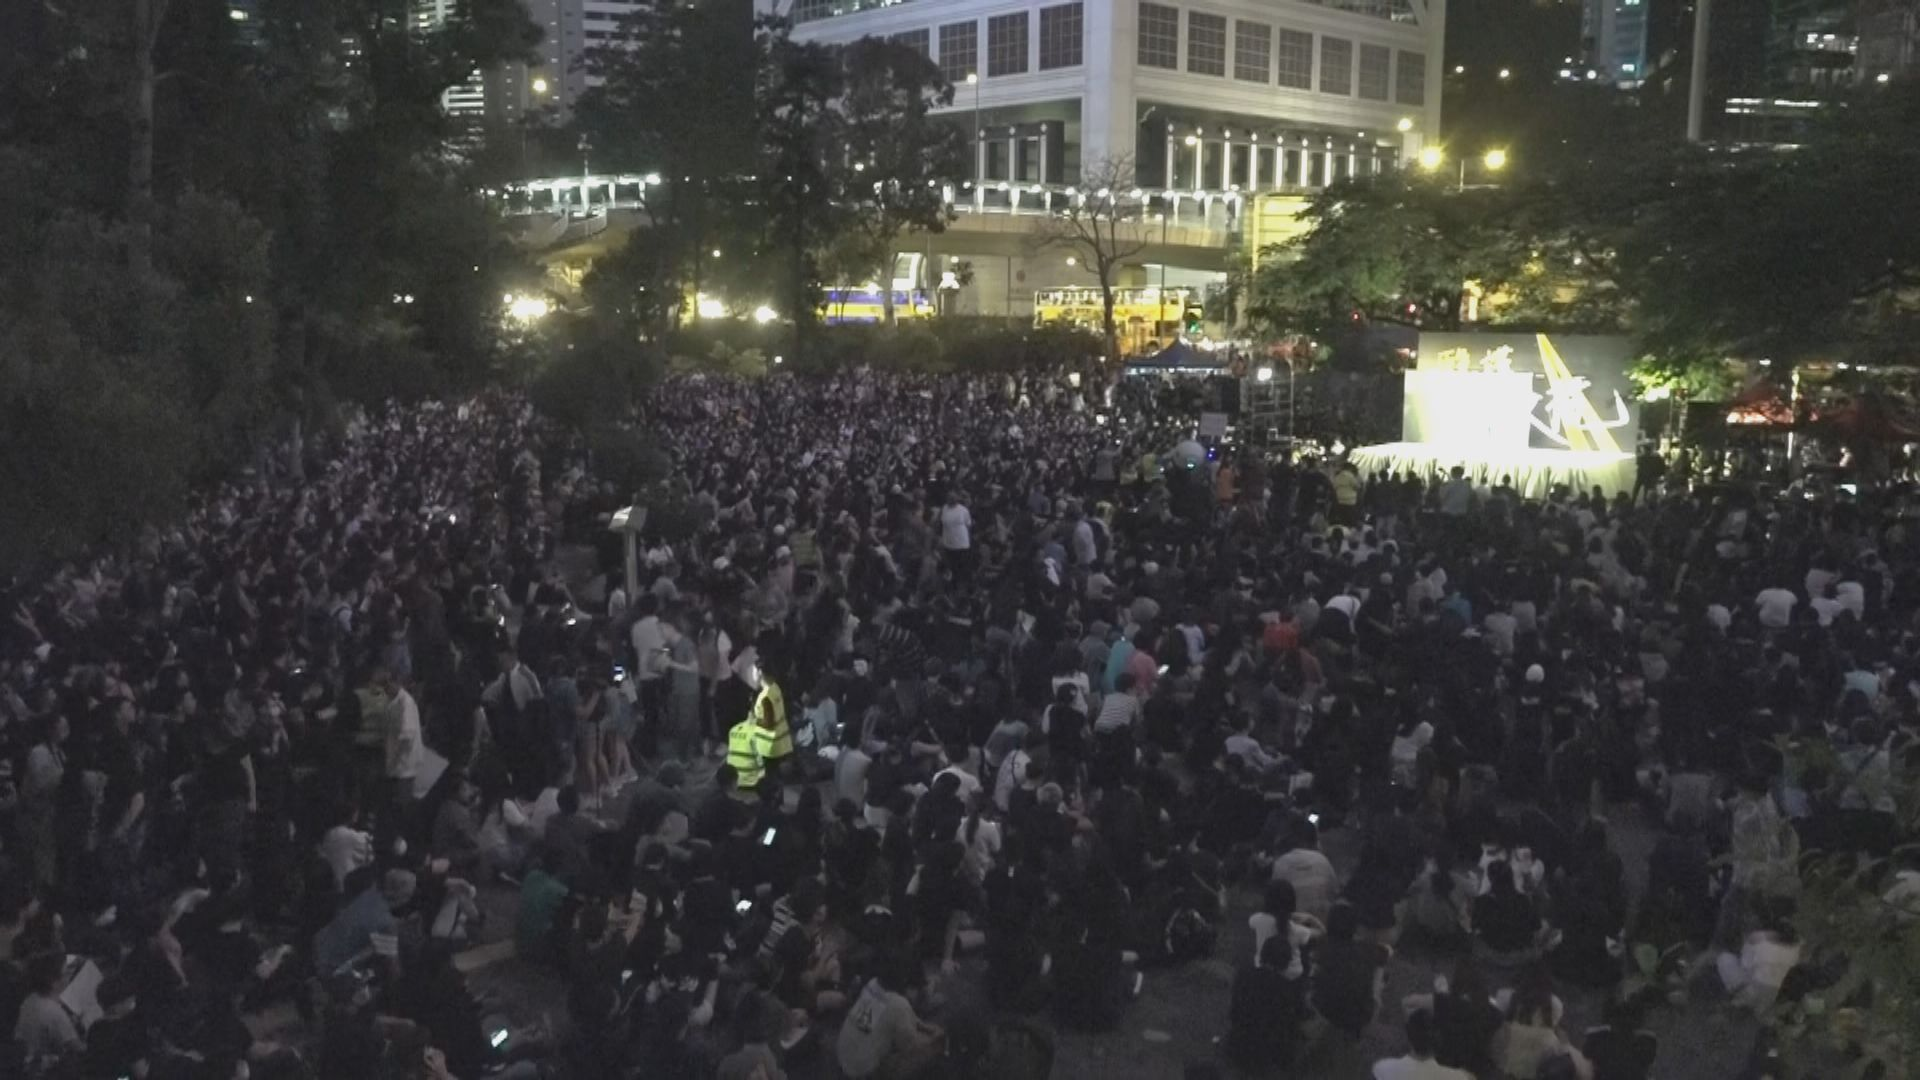 醫護集會抗議警暴 大會稱逾萬人參與